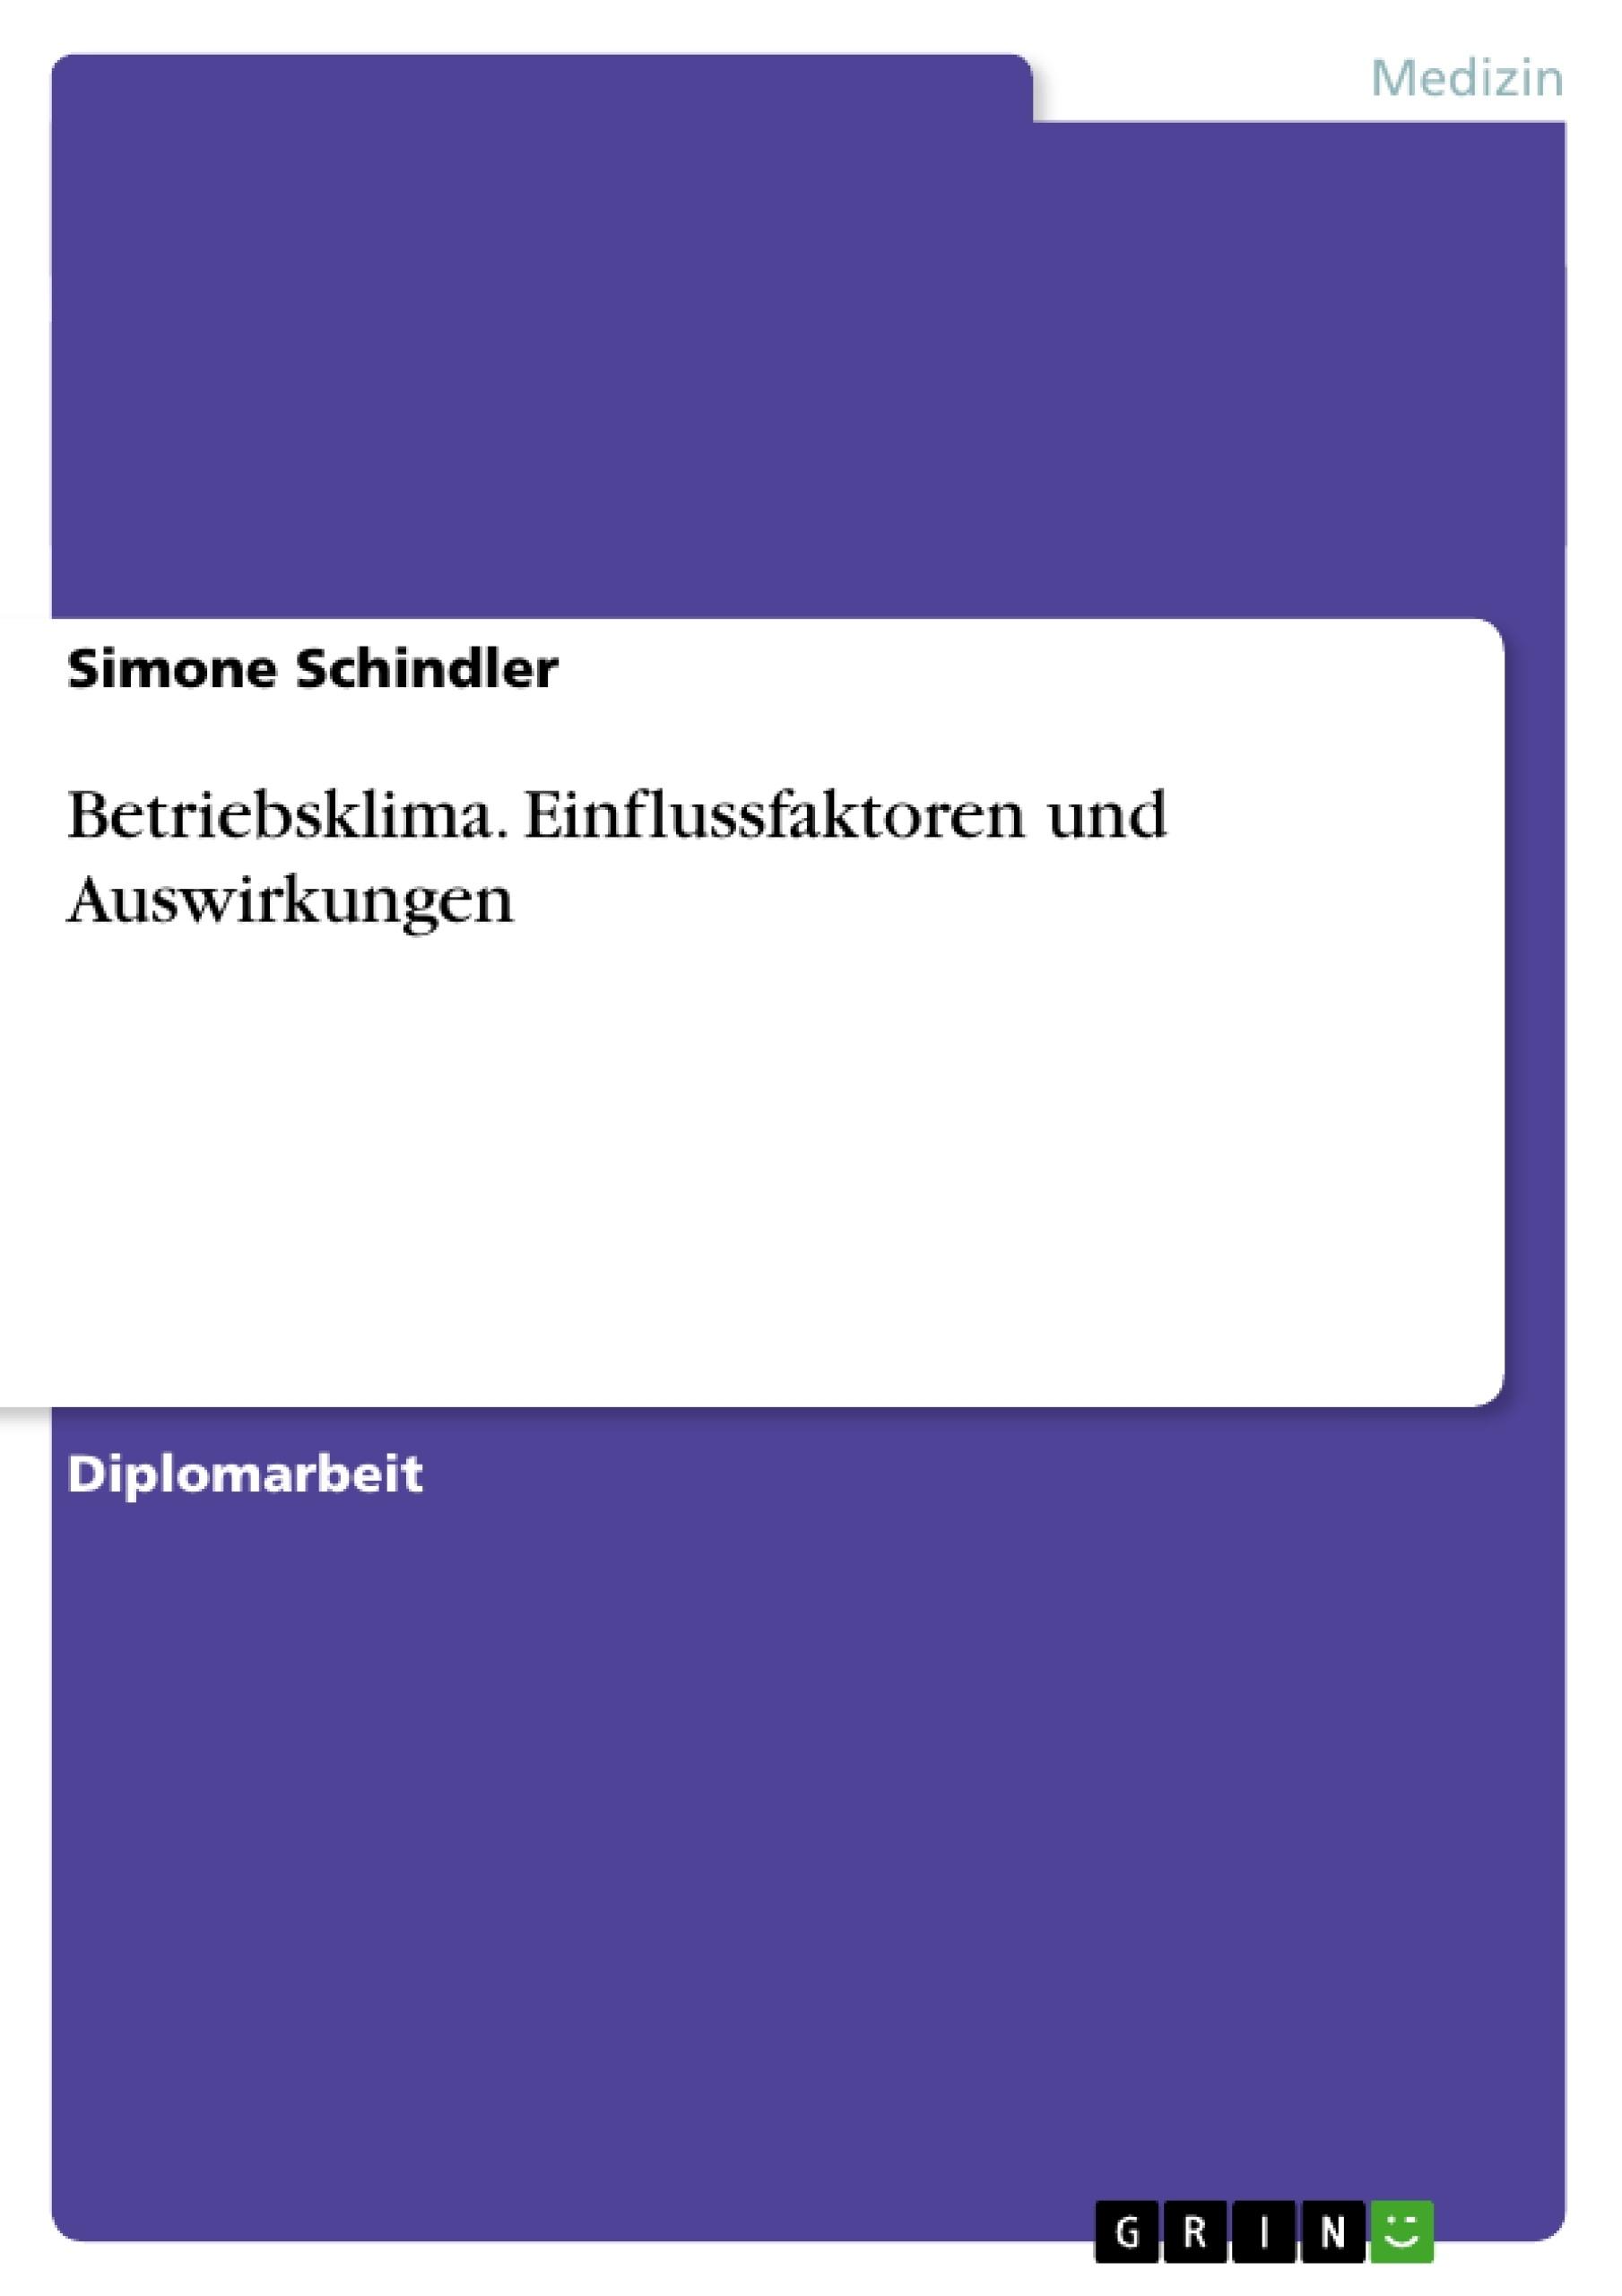 Titel: Betriebsklima. Einflussfaktoren und Auswirkungen